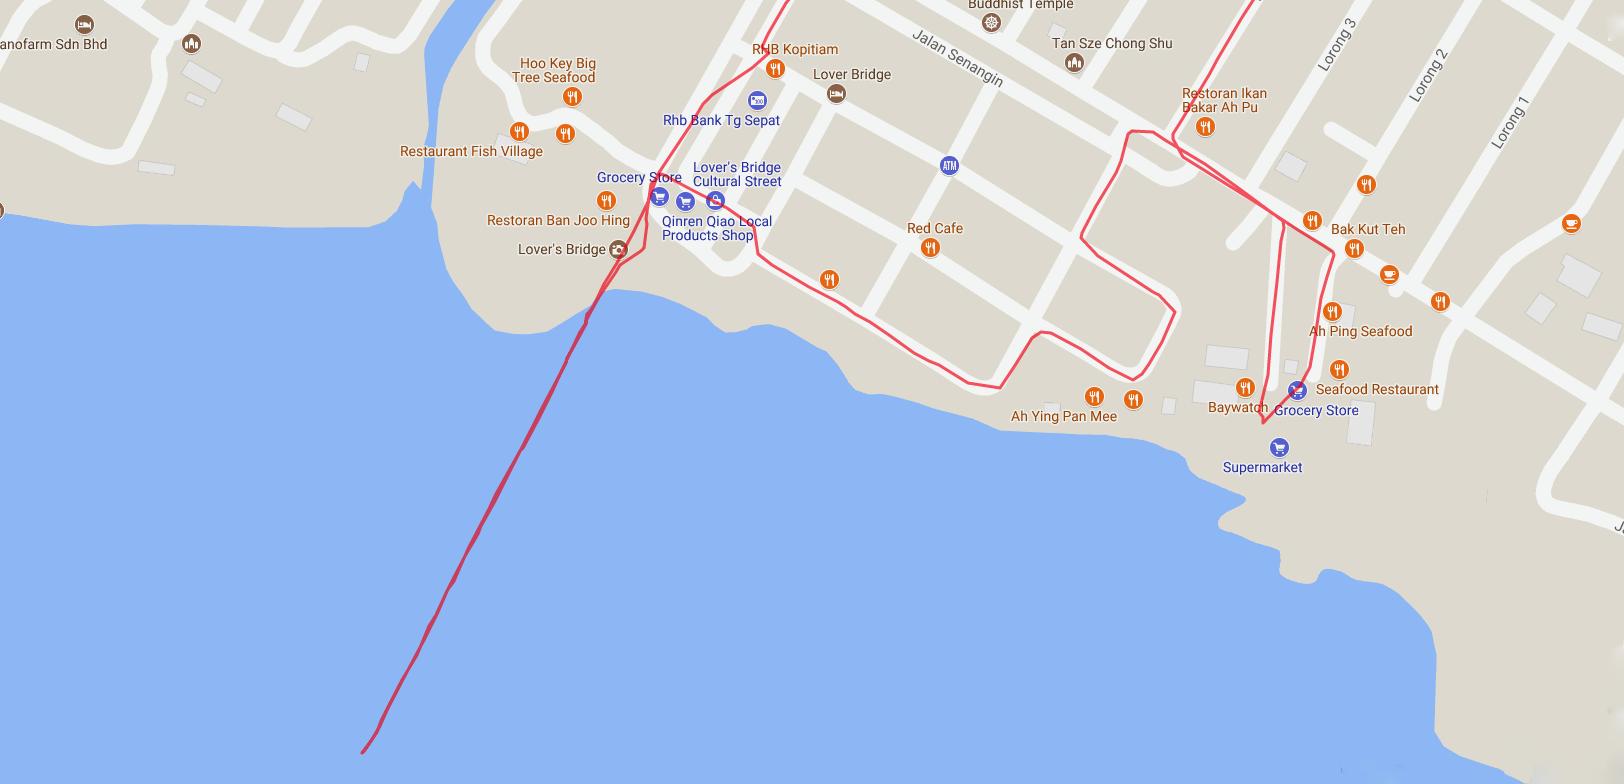 Tanjung Sepat Pier